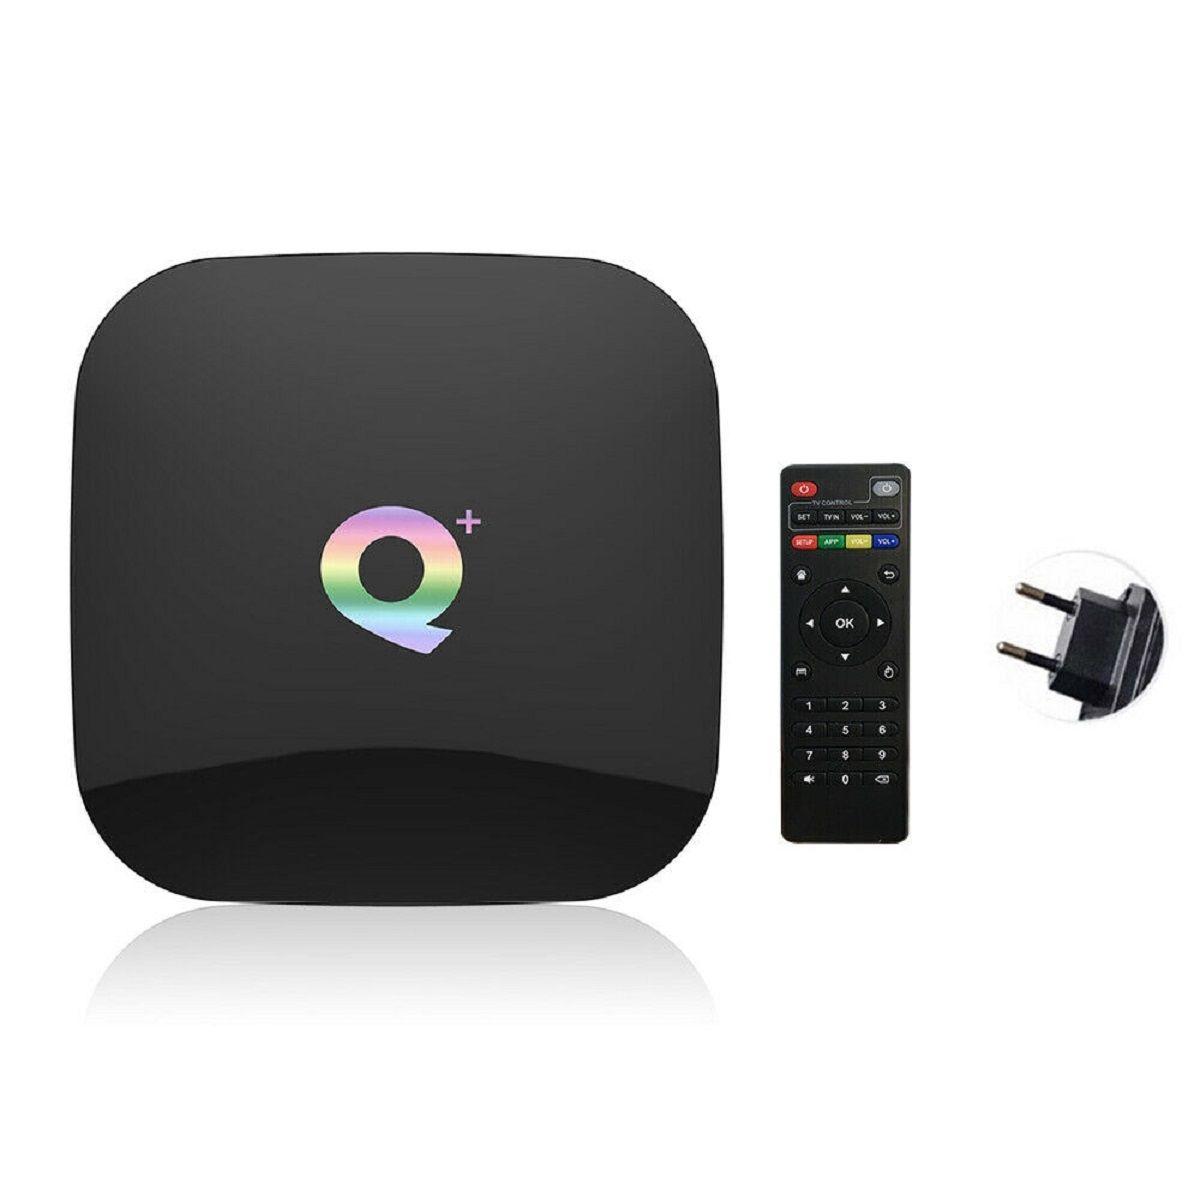 IPTV / Box Android : des boîtiers qui séduisent de plus en plus